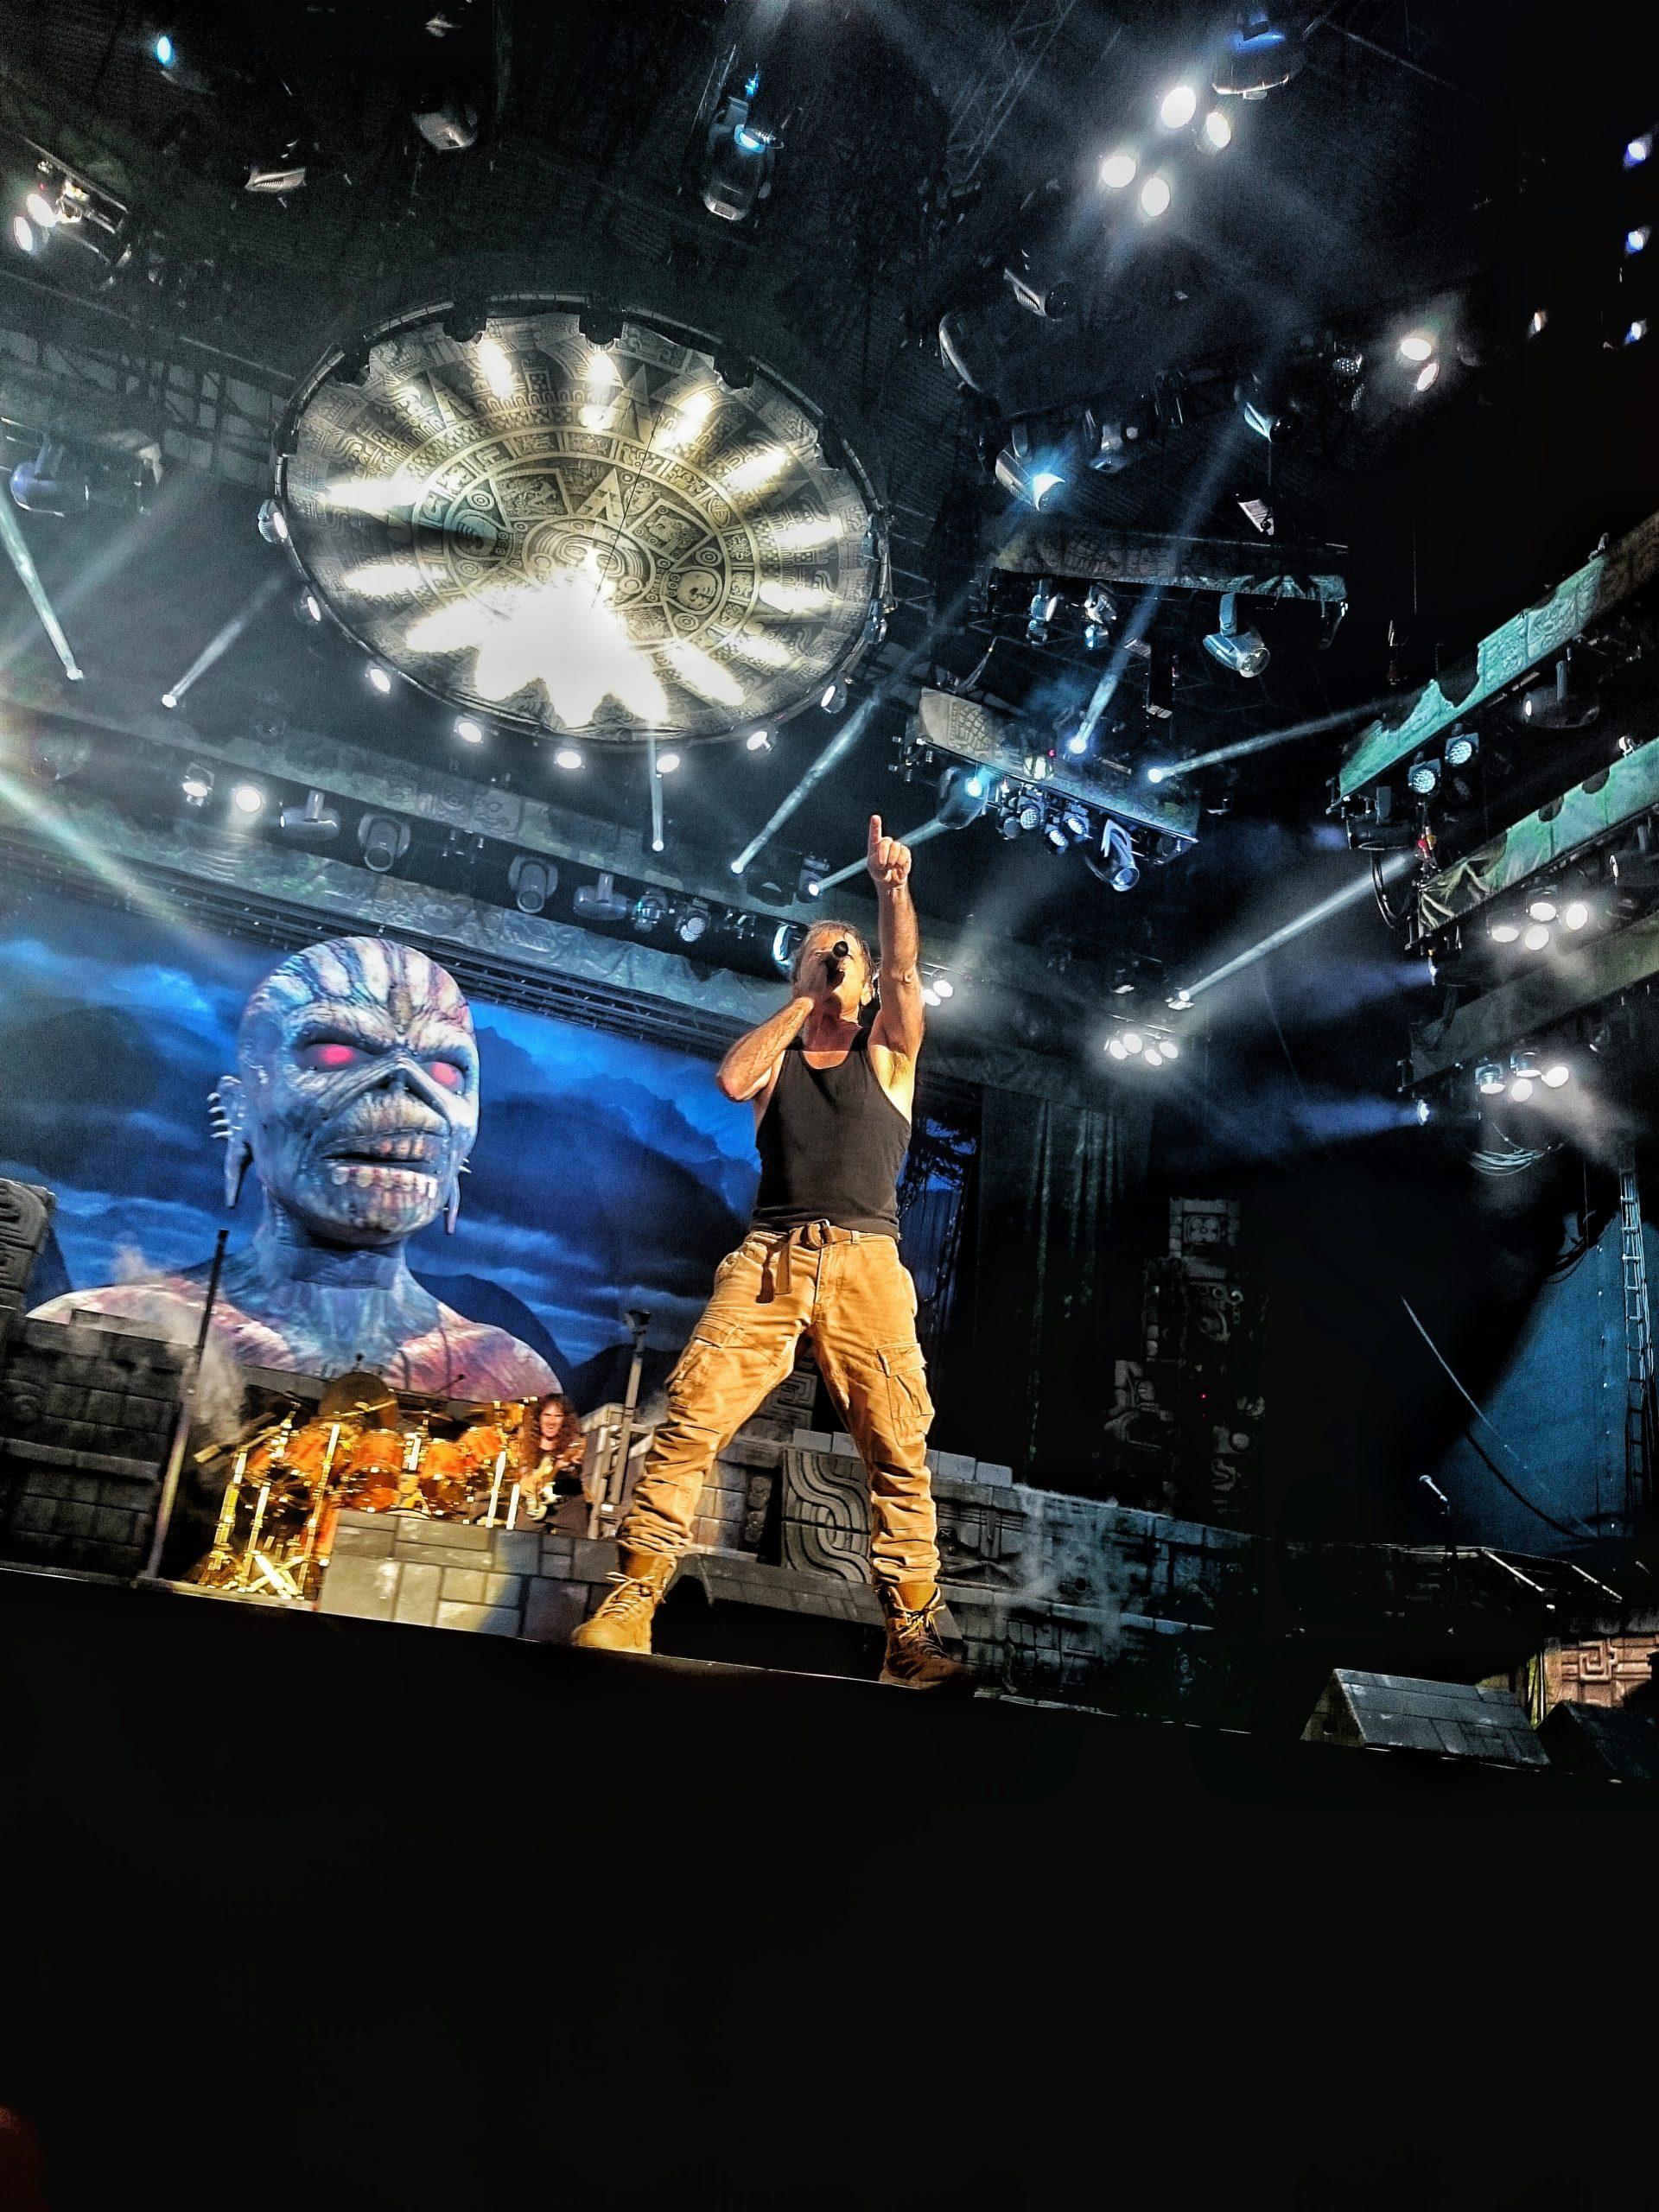 Iron Maiden show